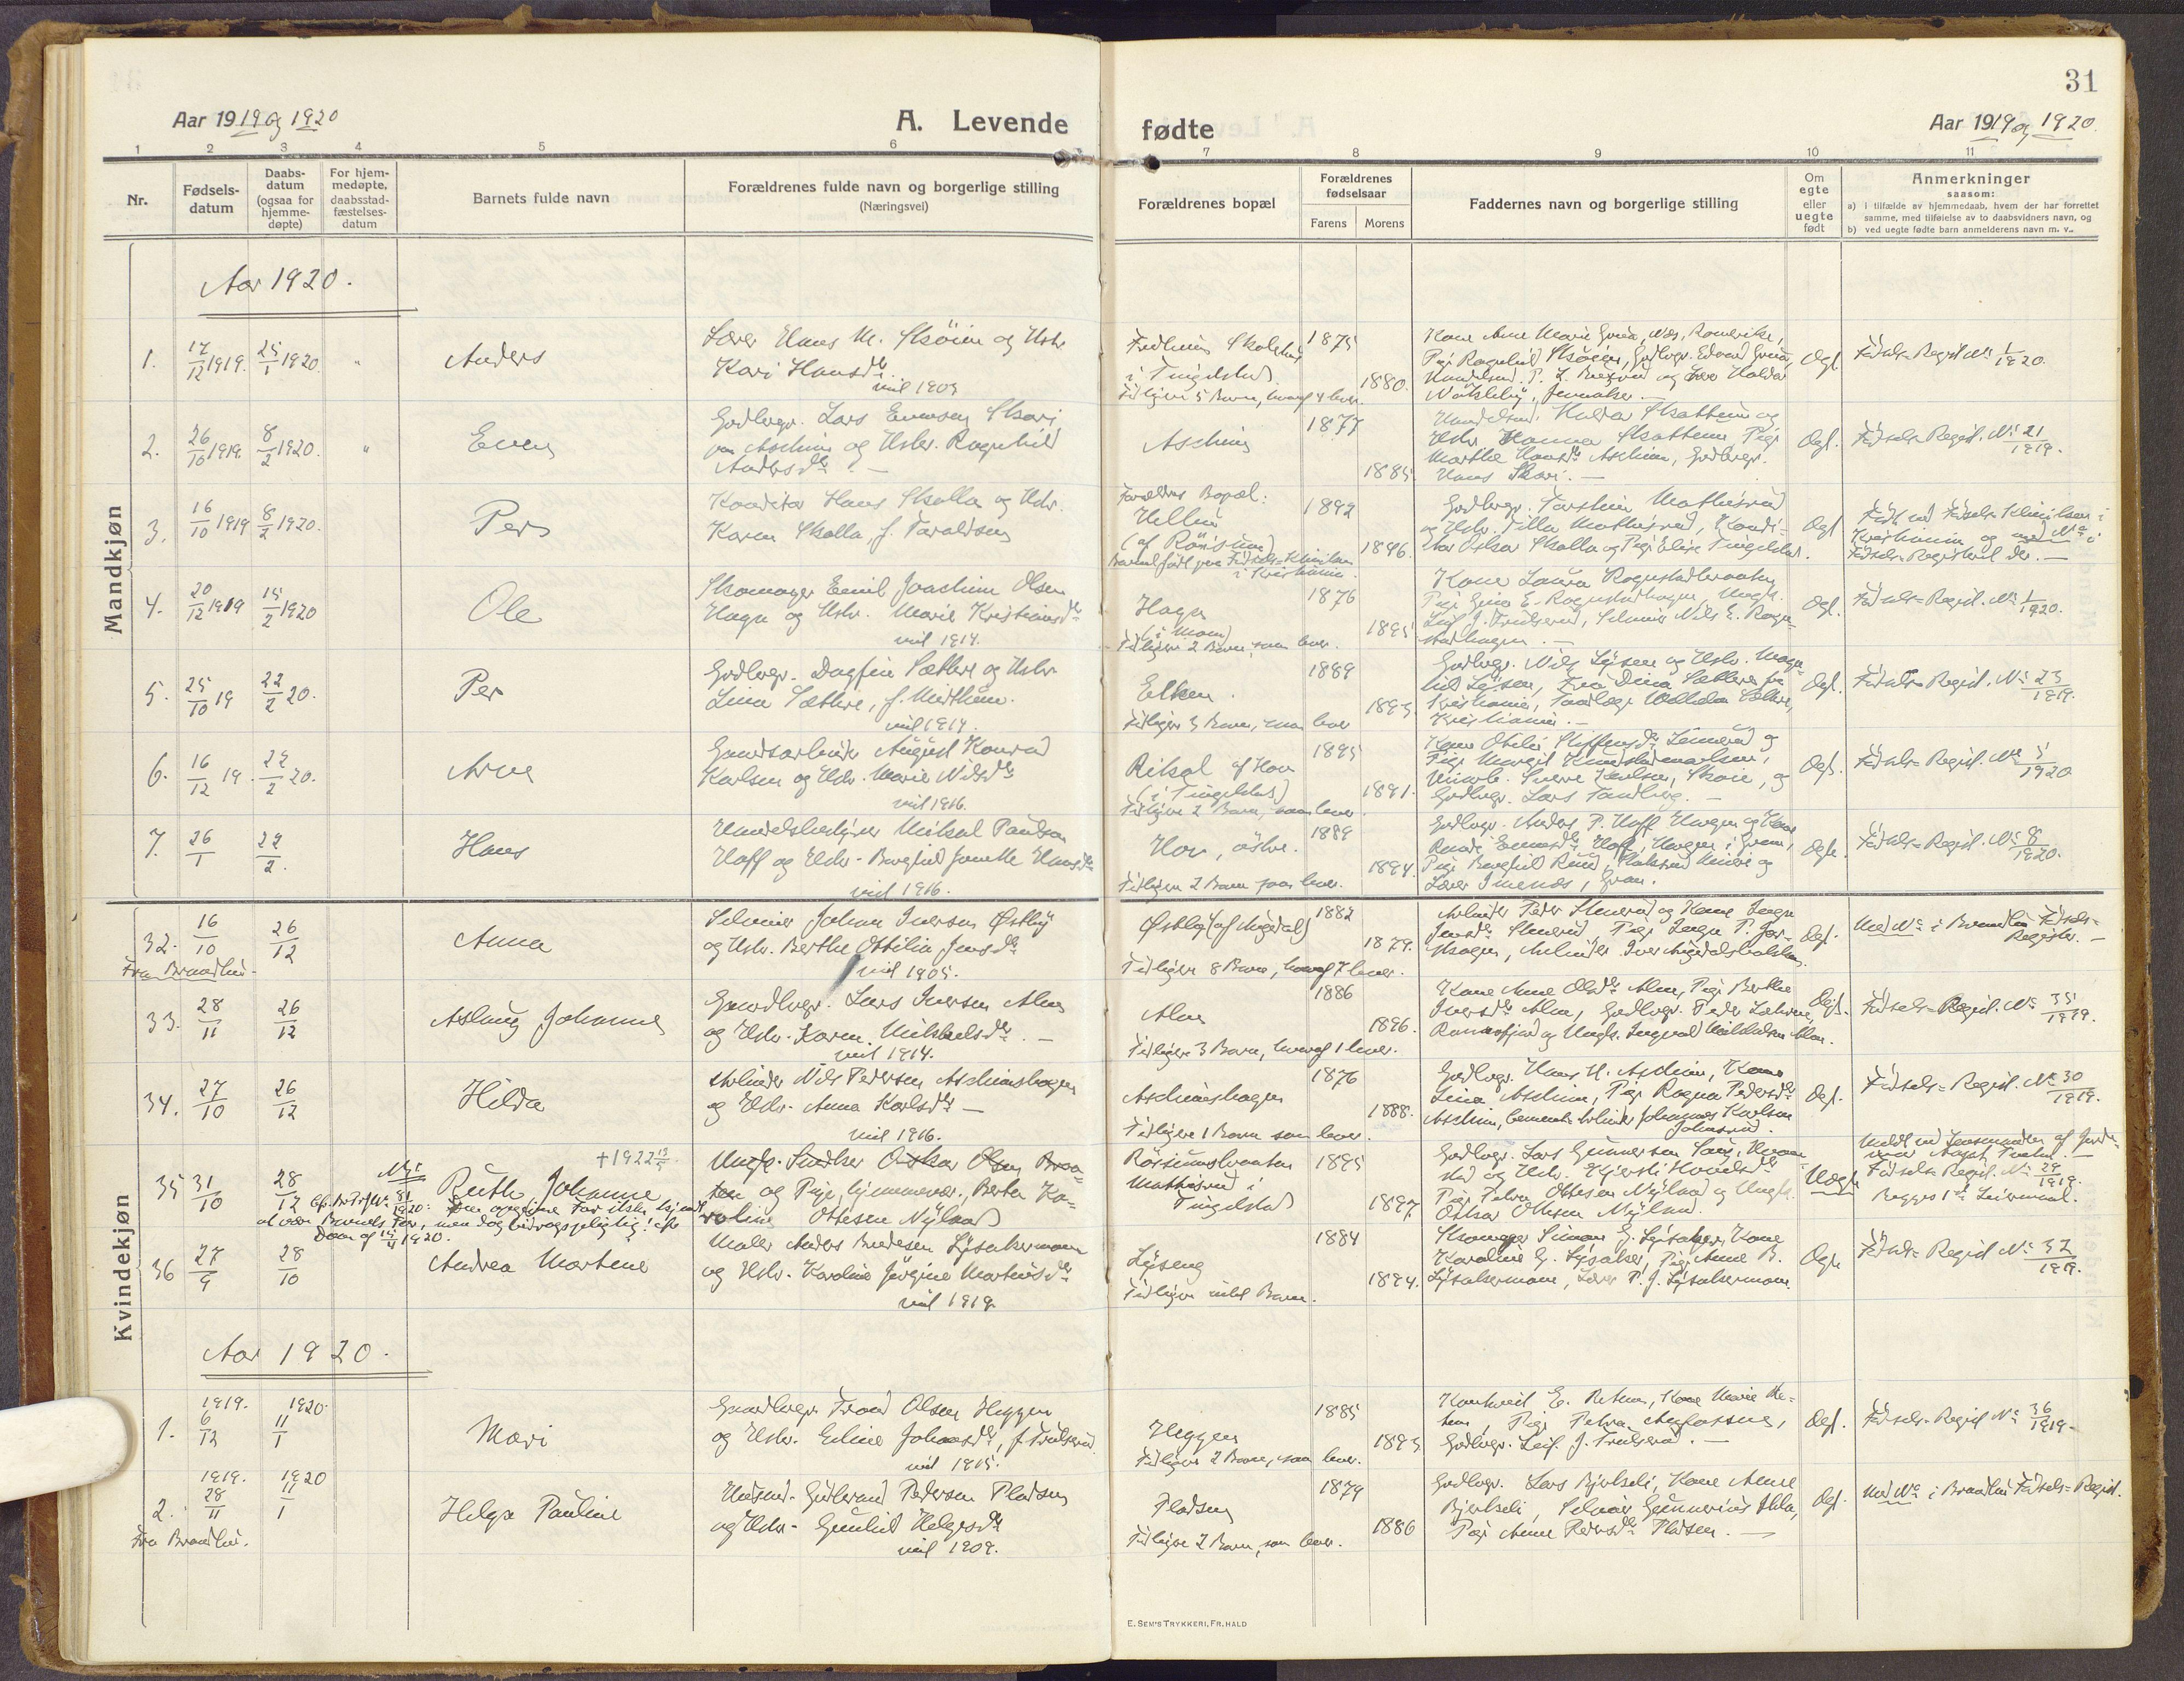 SAH, Brandbu prestekontor, Ministerialbok nr. 3, 1914-1928, s. 31